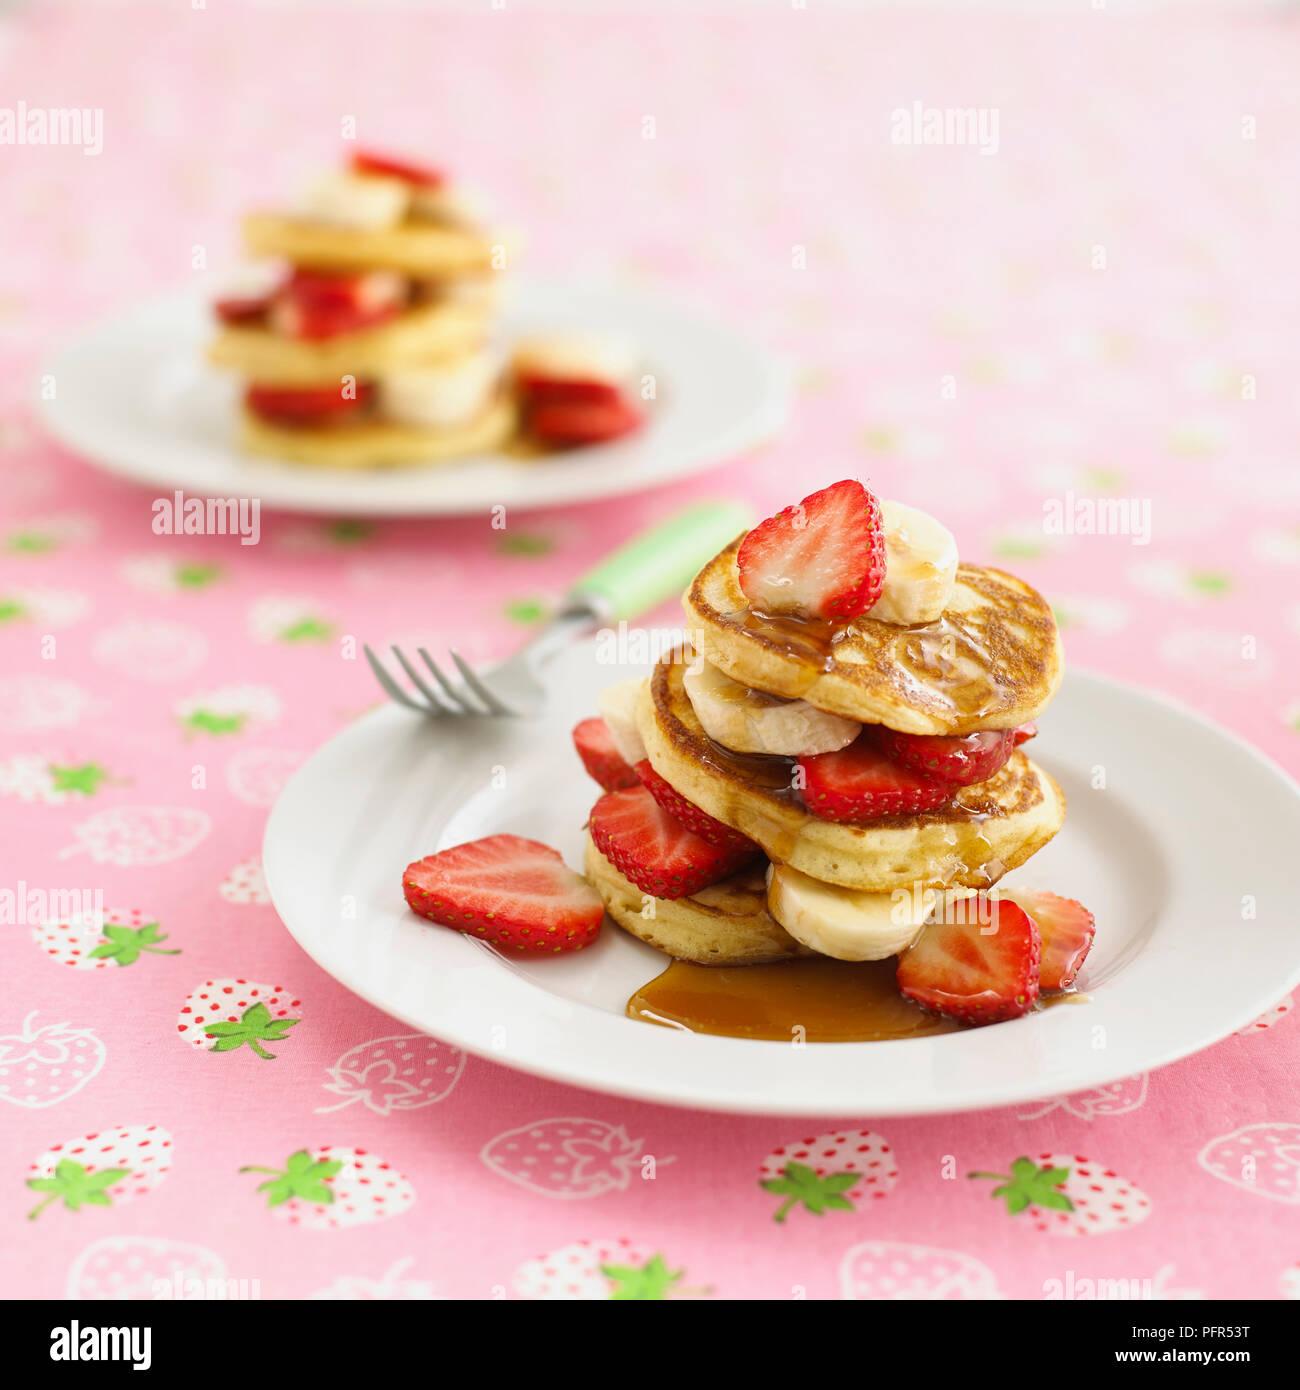 Les crêpes, les fraises et le sirop d'érable Photo Stock